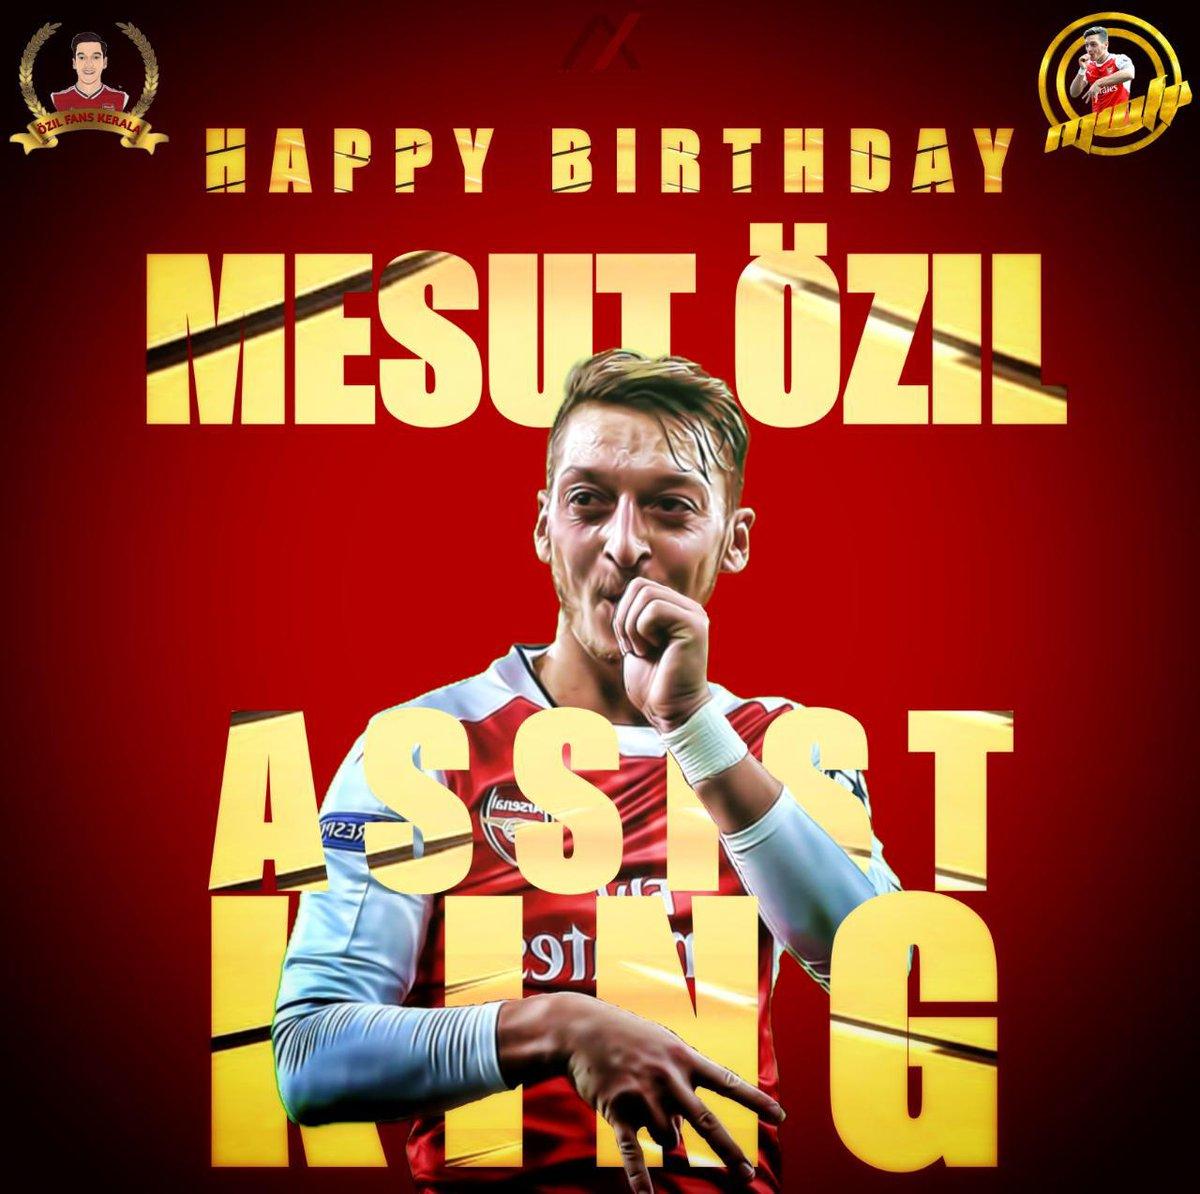 Happy birthday Idol 🎂🐐 @MesutOzil1088